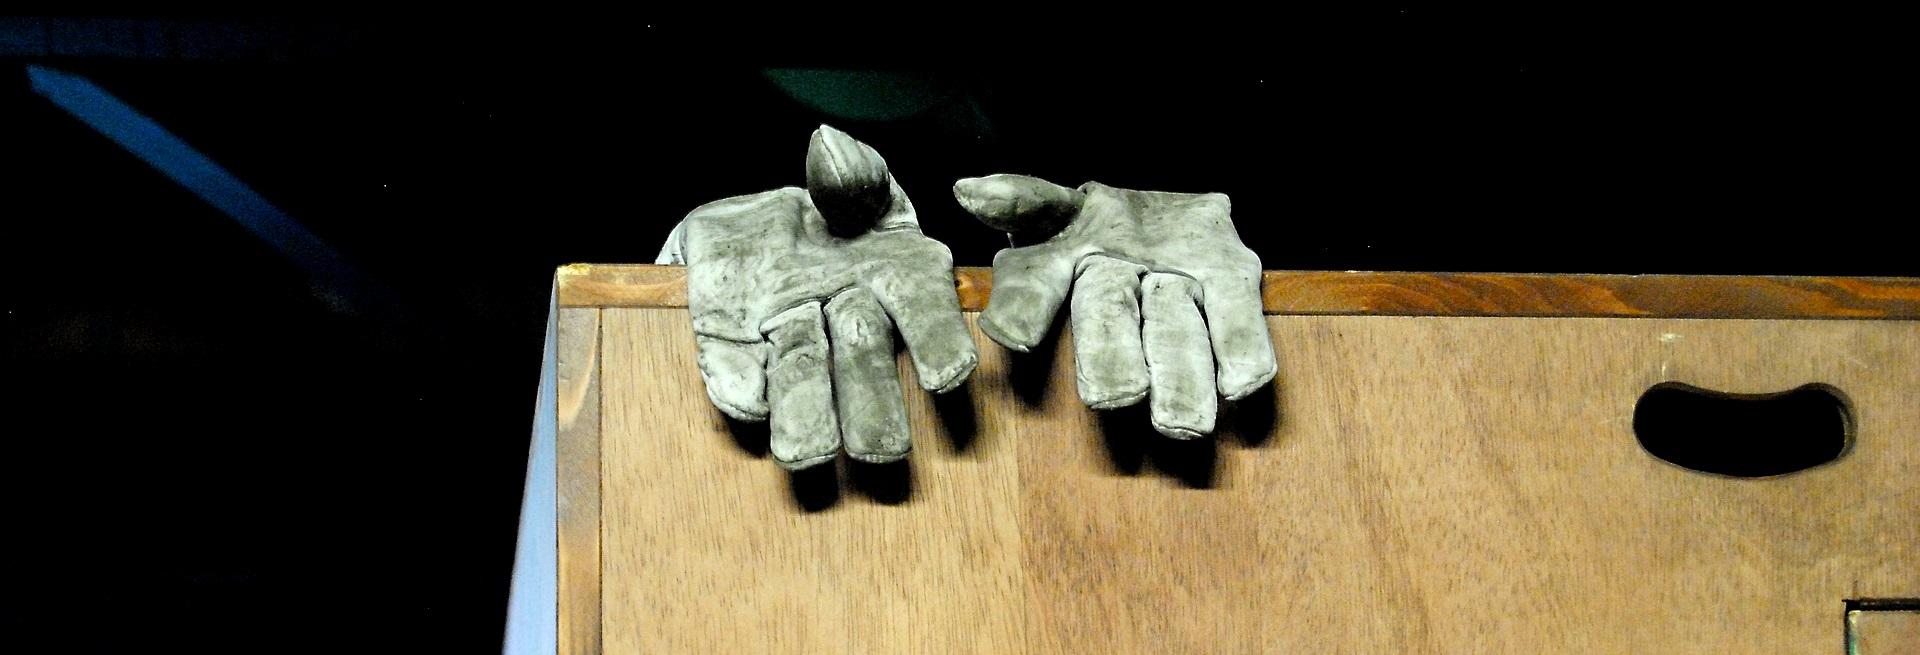 Feuchtigkeit im Bau reduzieren Bautrockner Bautrocknung Duregger Trocknungsgeräte mieten München Baustelle Neubau Schnee Handschuhe